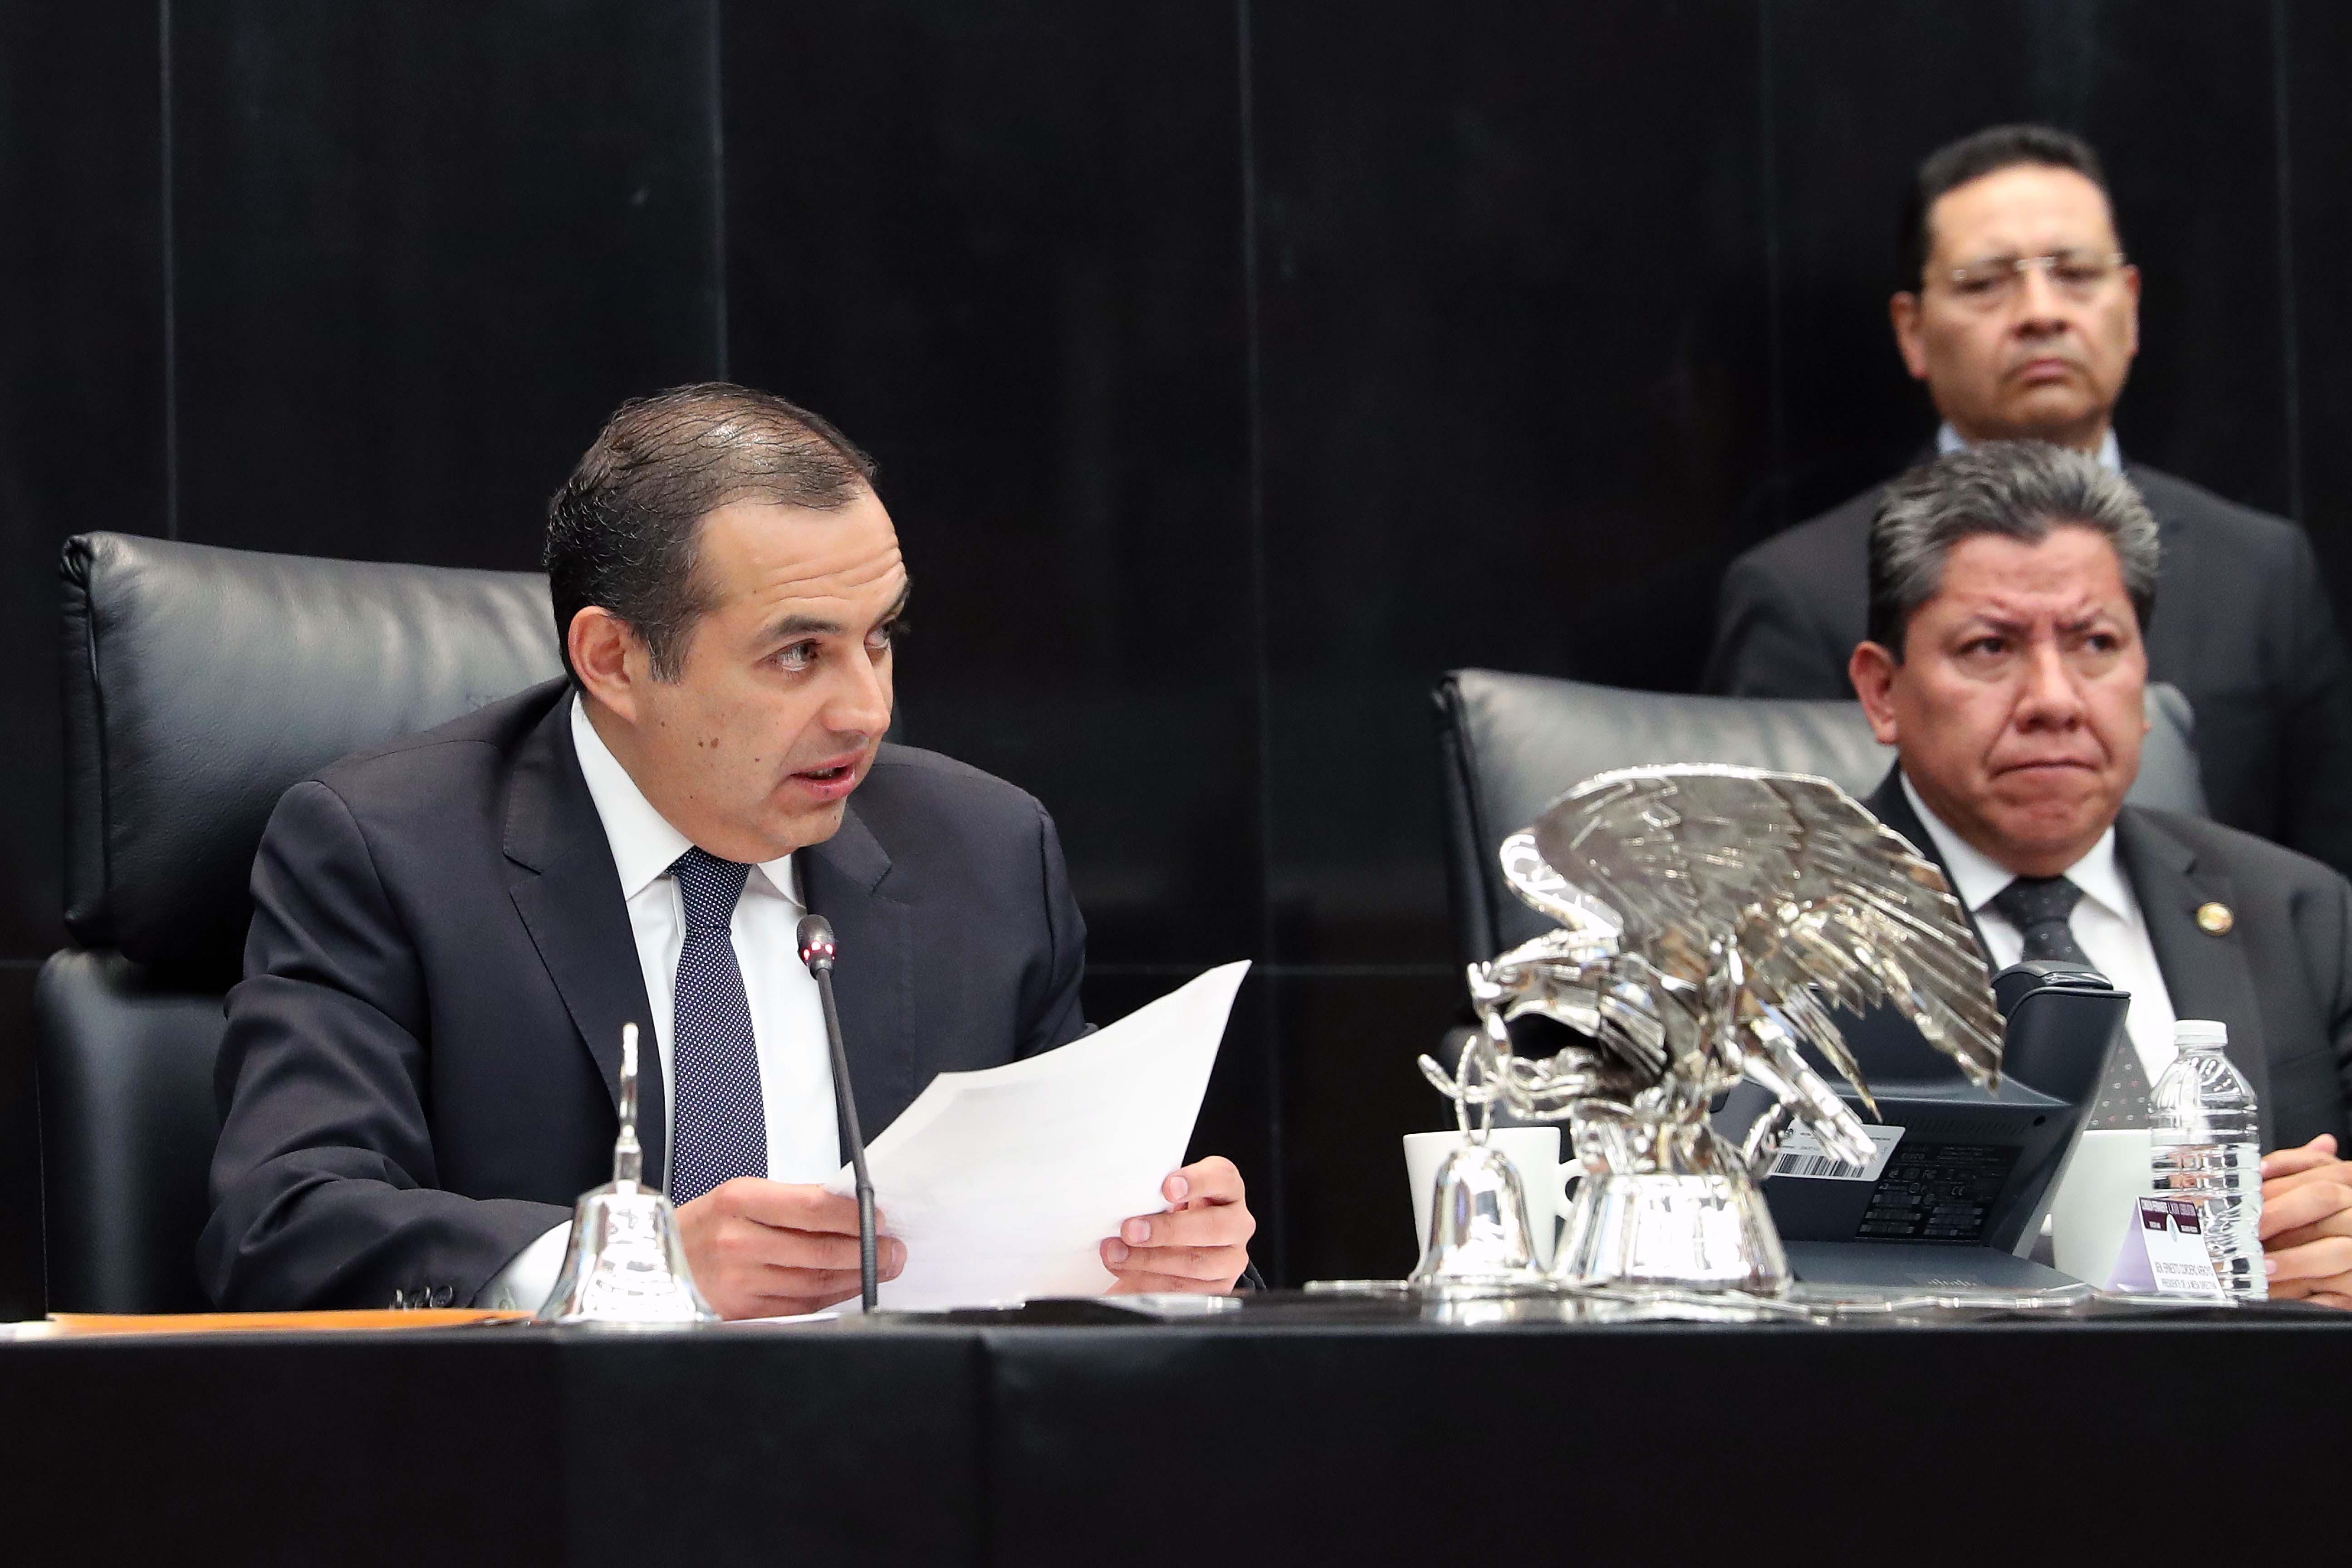 Madurez ciudadana en proceso electoral consolida instituciones del país: Congreso de la Unión